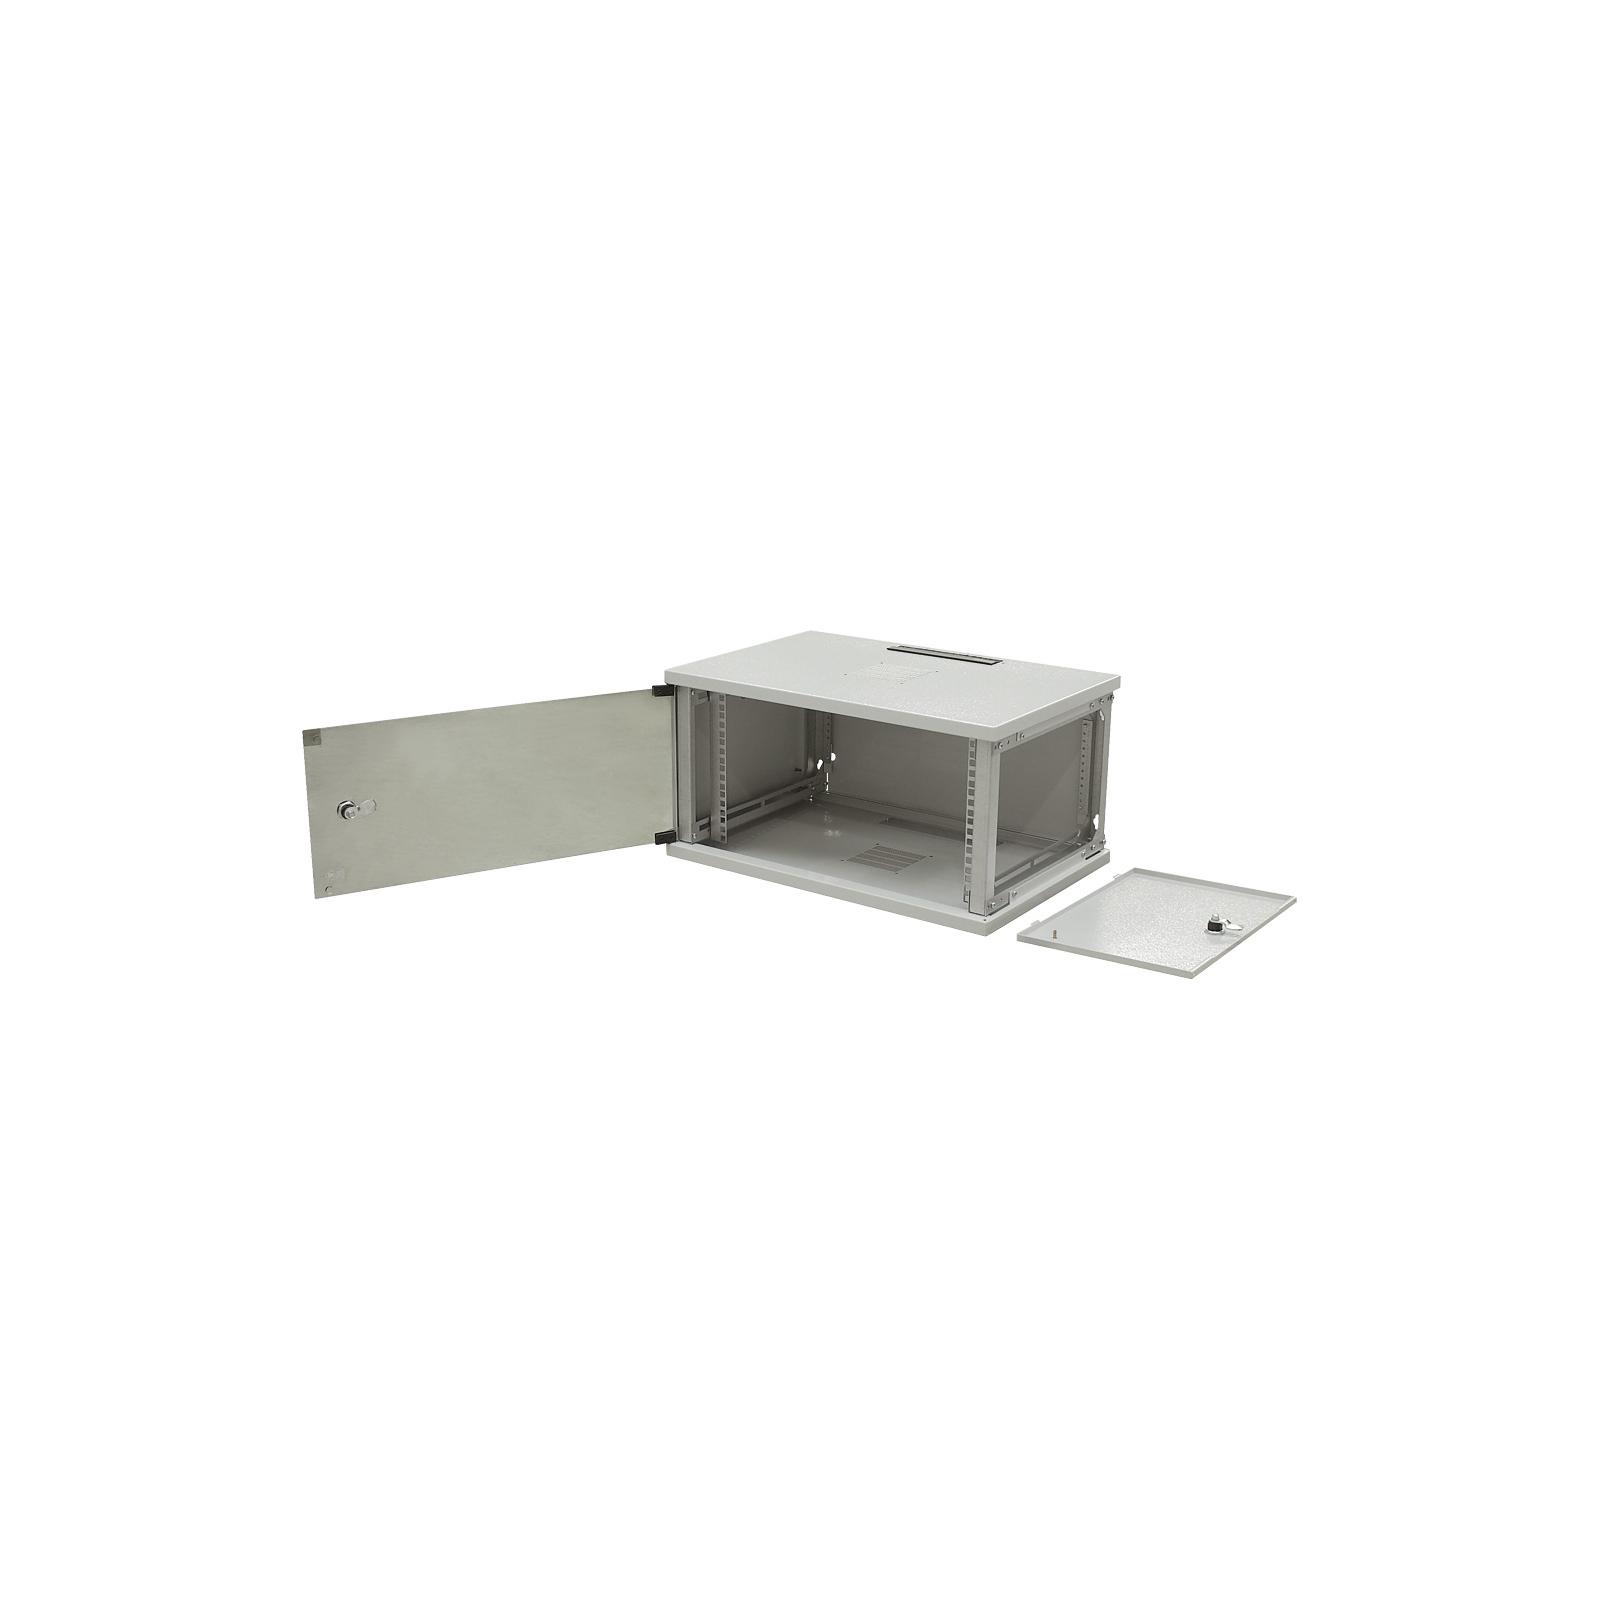 Шкаф настенный 6U Zpas (WZ-3615-01-S2-011)